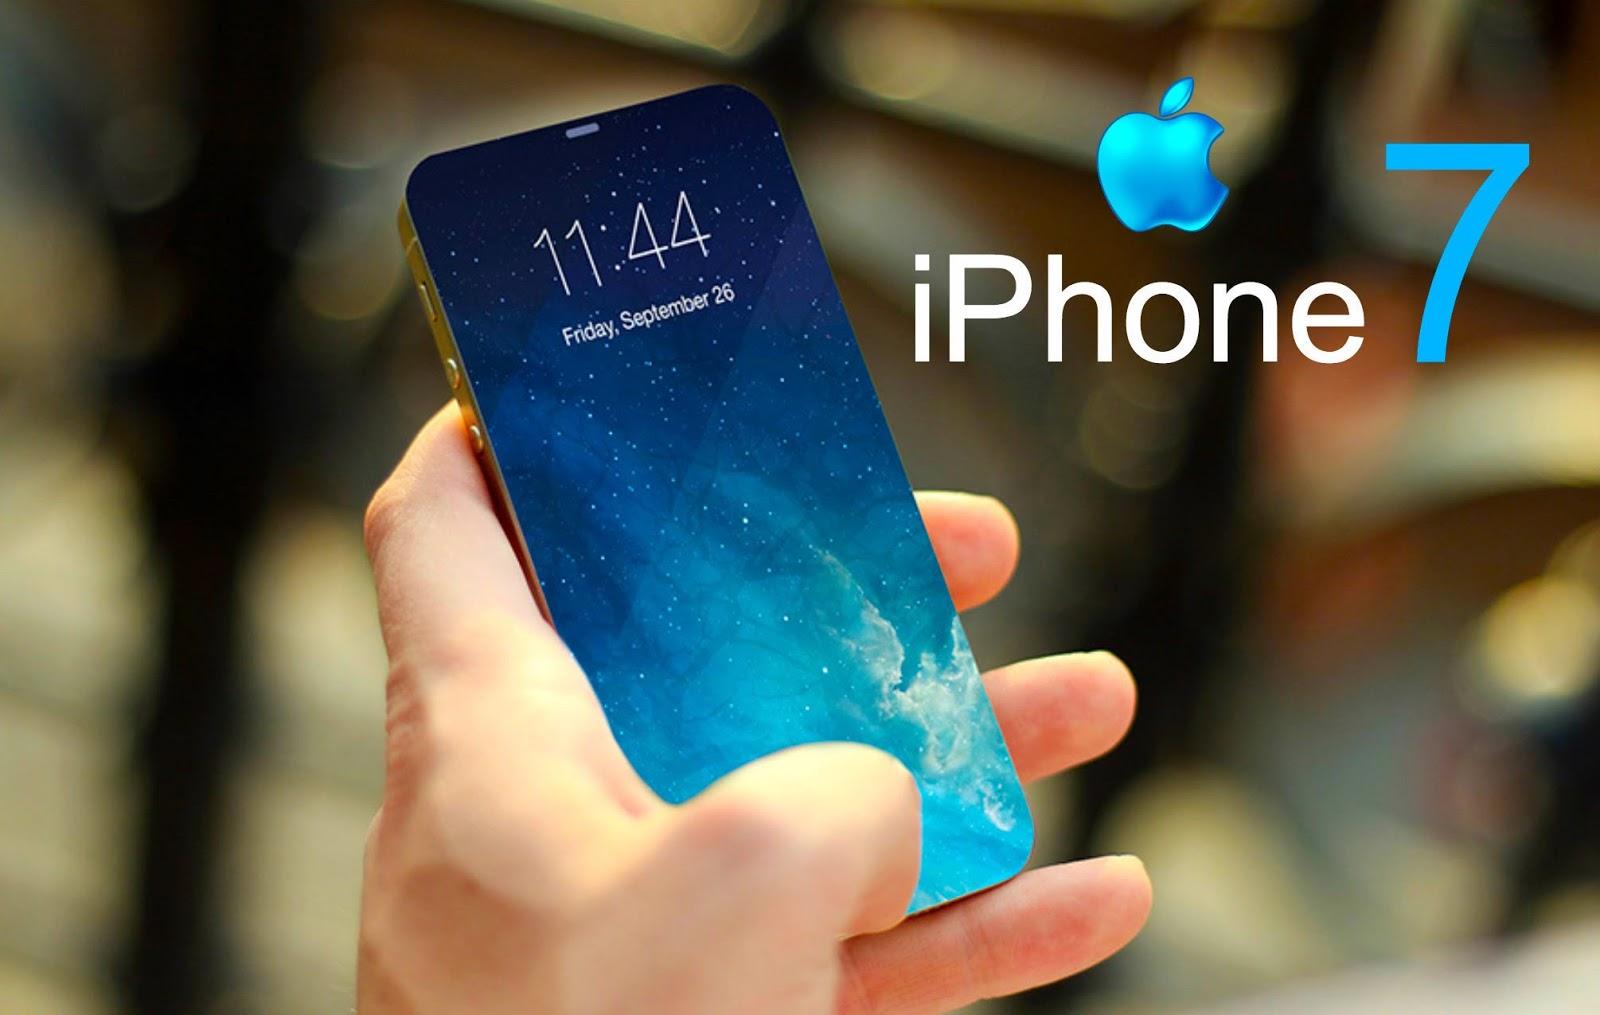 Aneh   Unik  Pegawai yang Kedapatan Beli iPhone 7 di Rumah Sakit ini ... b92650c8b5